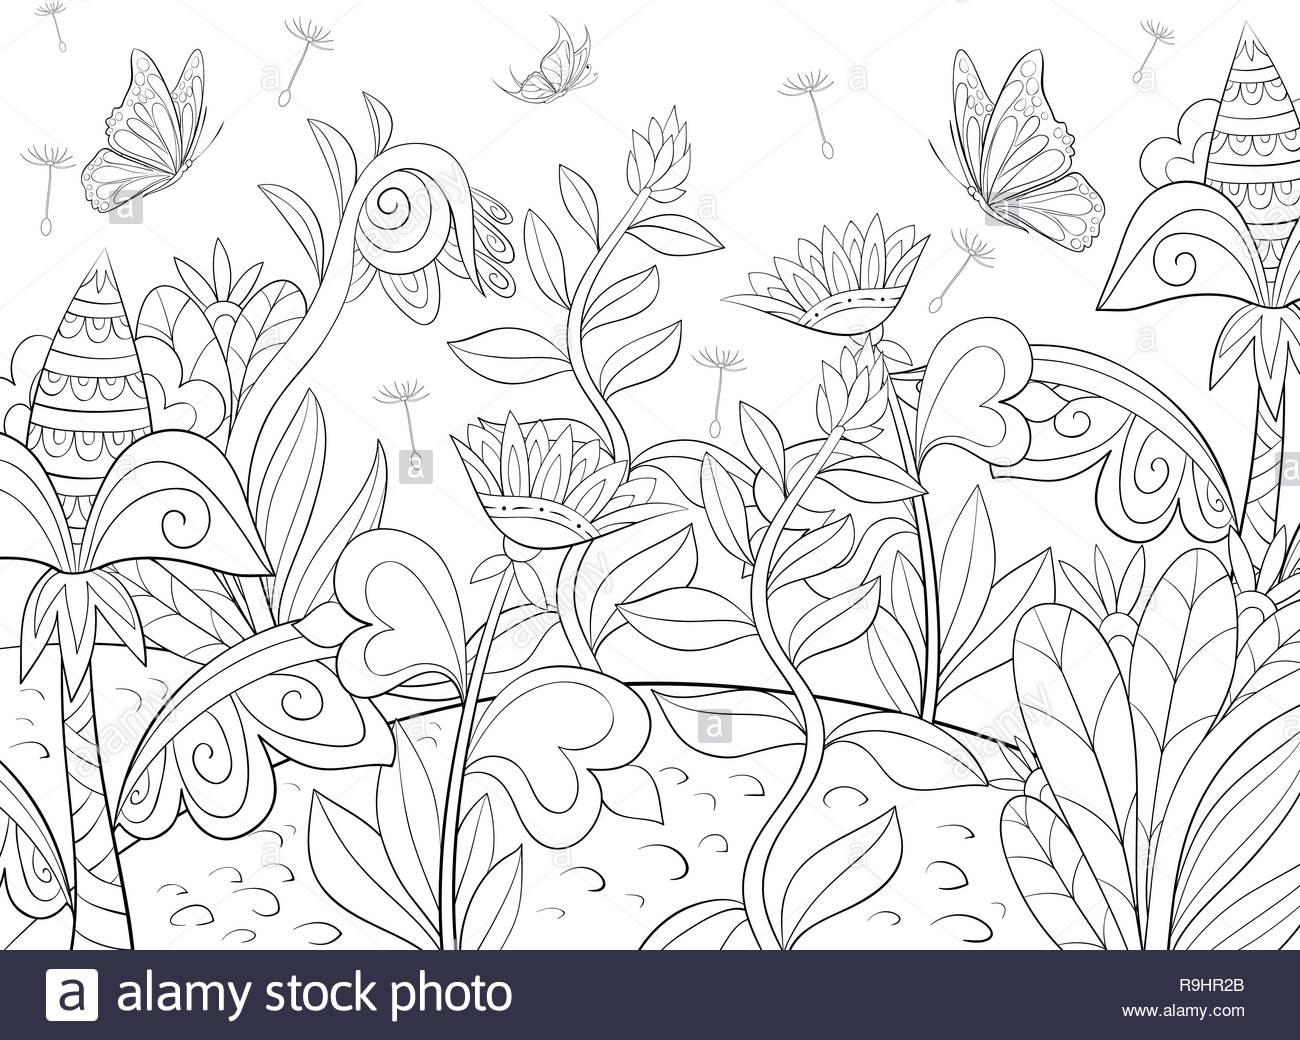 Un Paisaje Abstracto Con Mariposas Y Flores Imagen Para Actividad